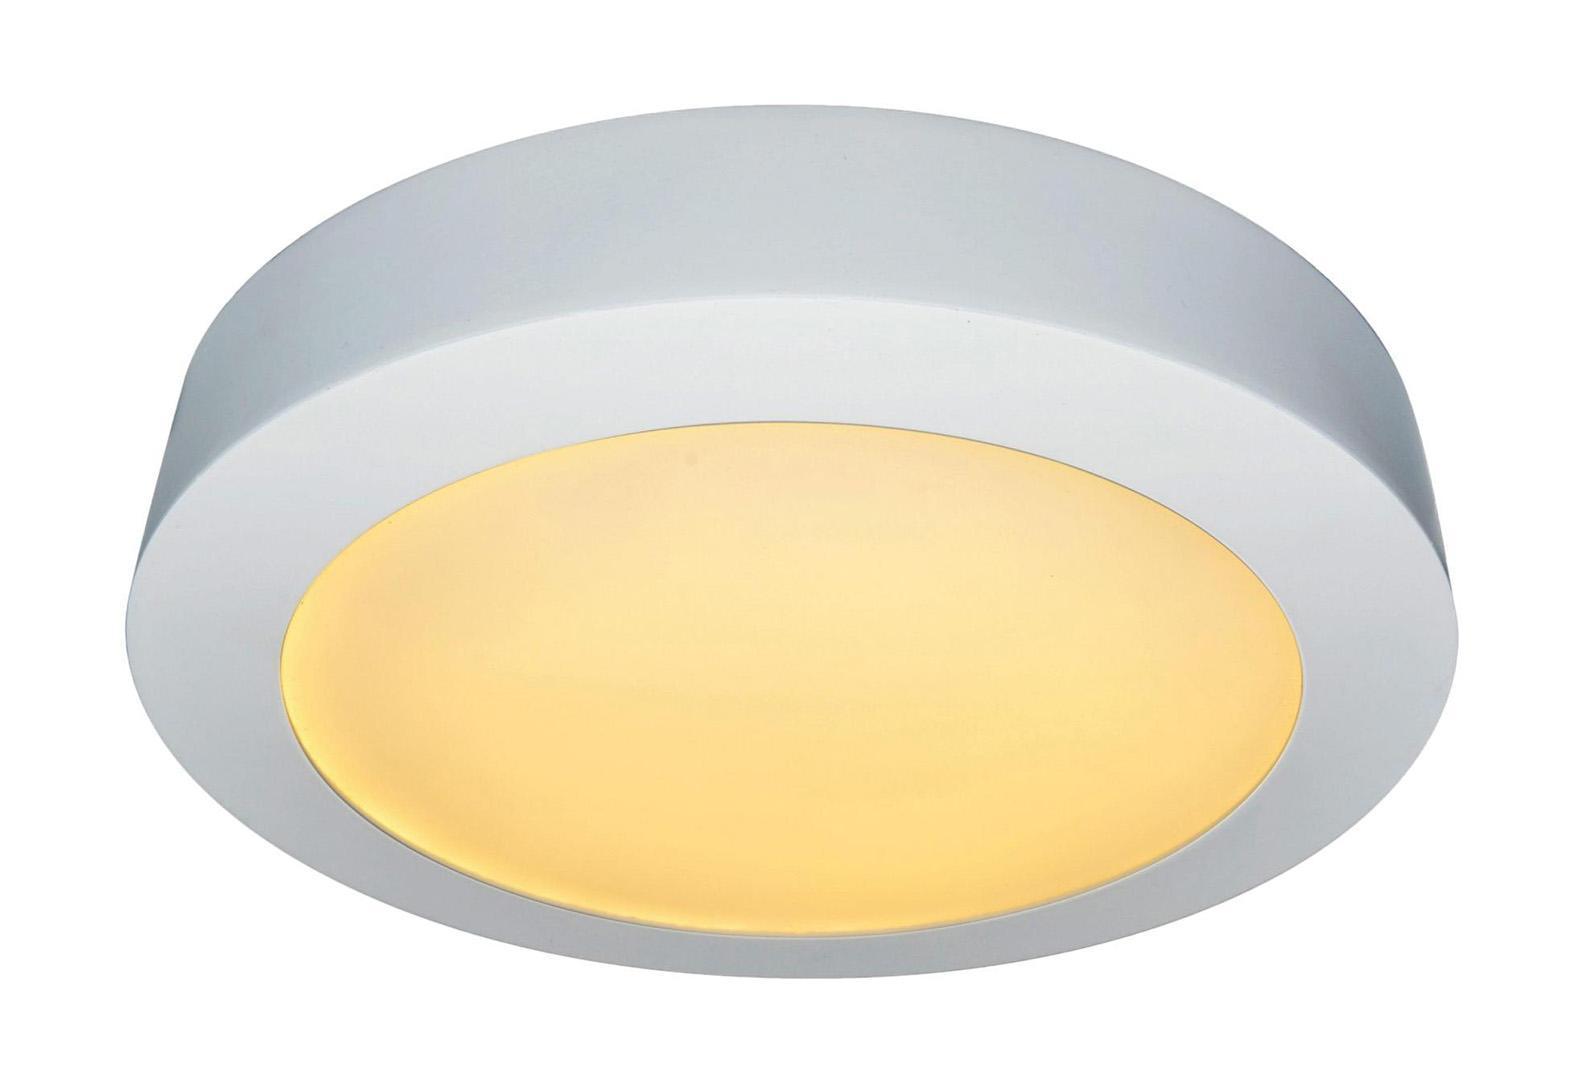 Светильник встраиваемый Arte lamp A3018pl-1wh встраиваемый светильник arte lamp cielo a7314pl 1wh